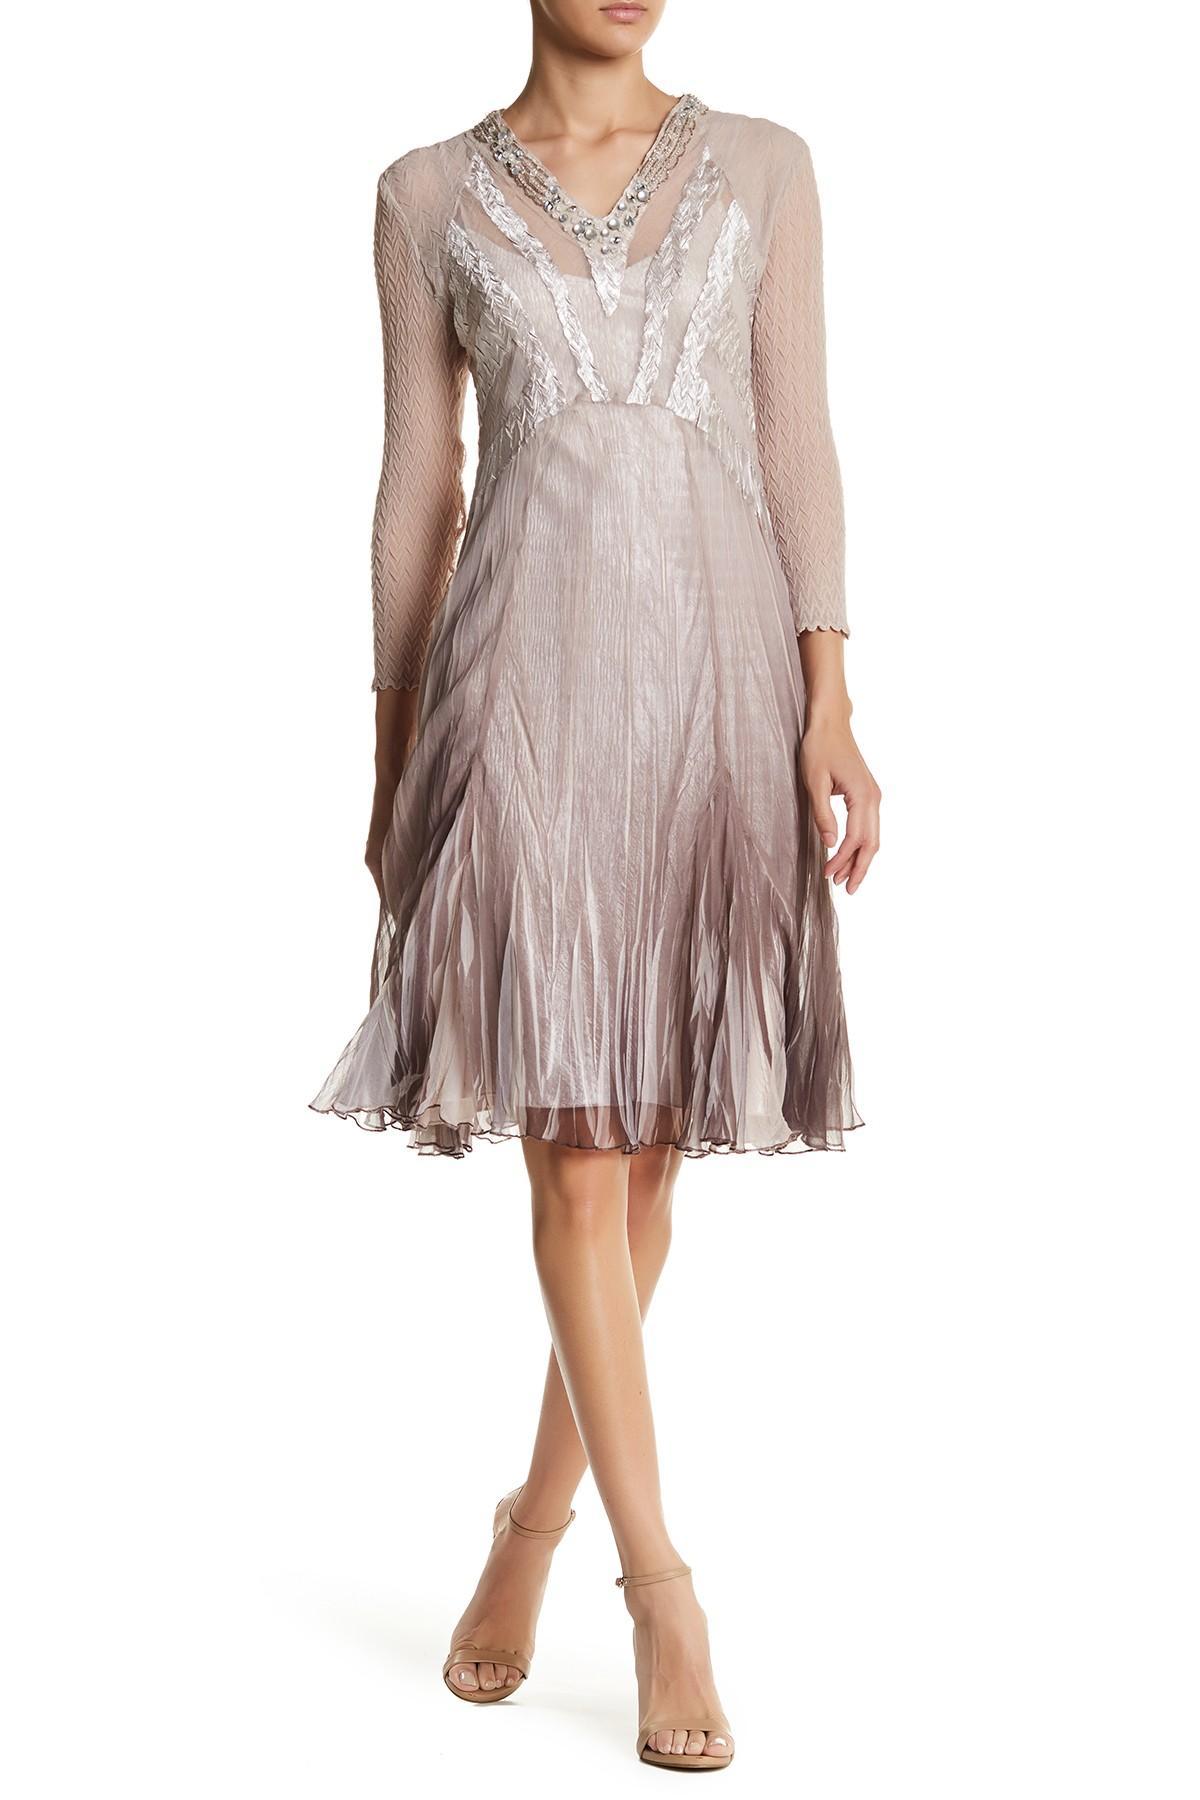 Komarov embellished v neck dress lyst for Nordstrom rack dresses pour mariage